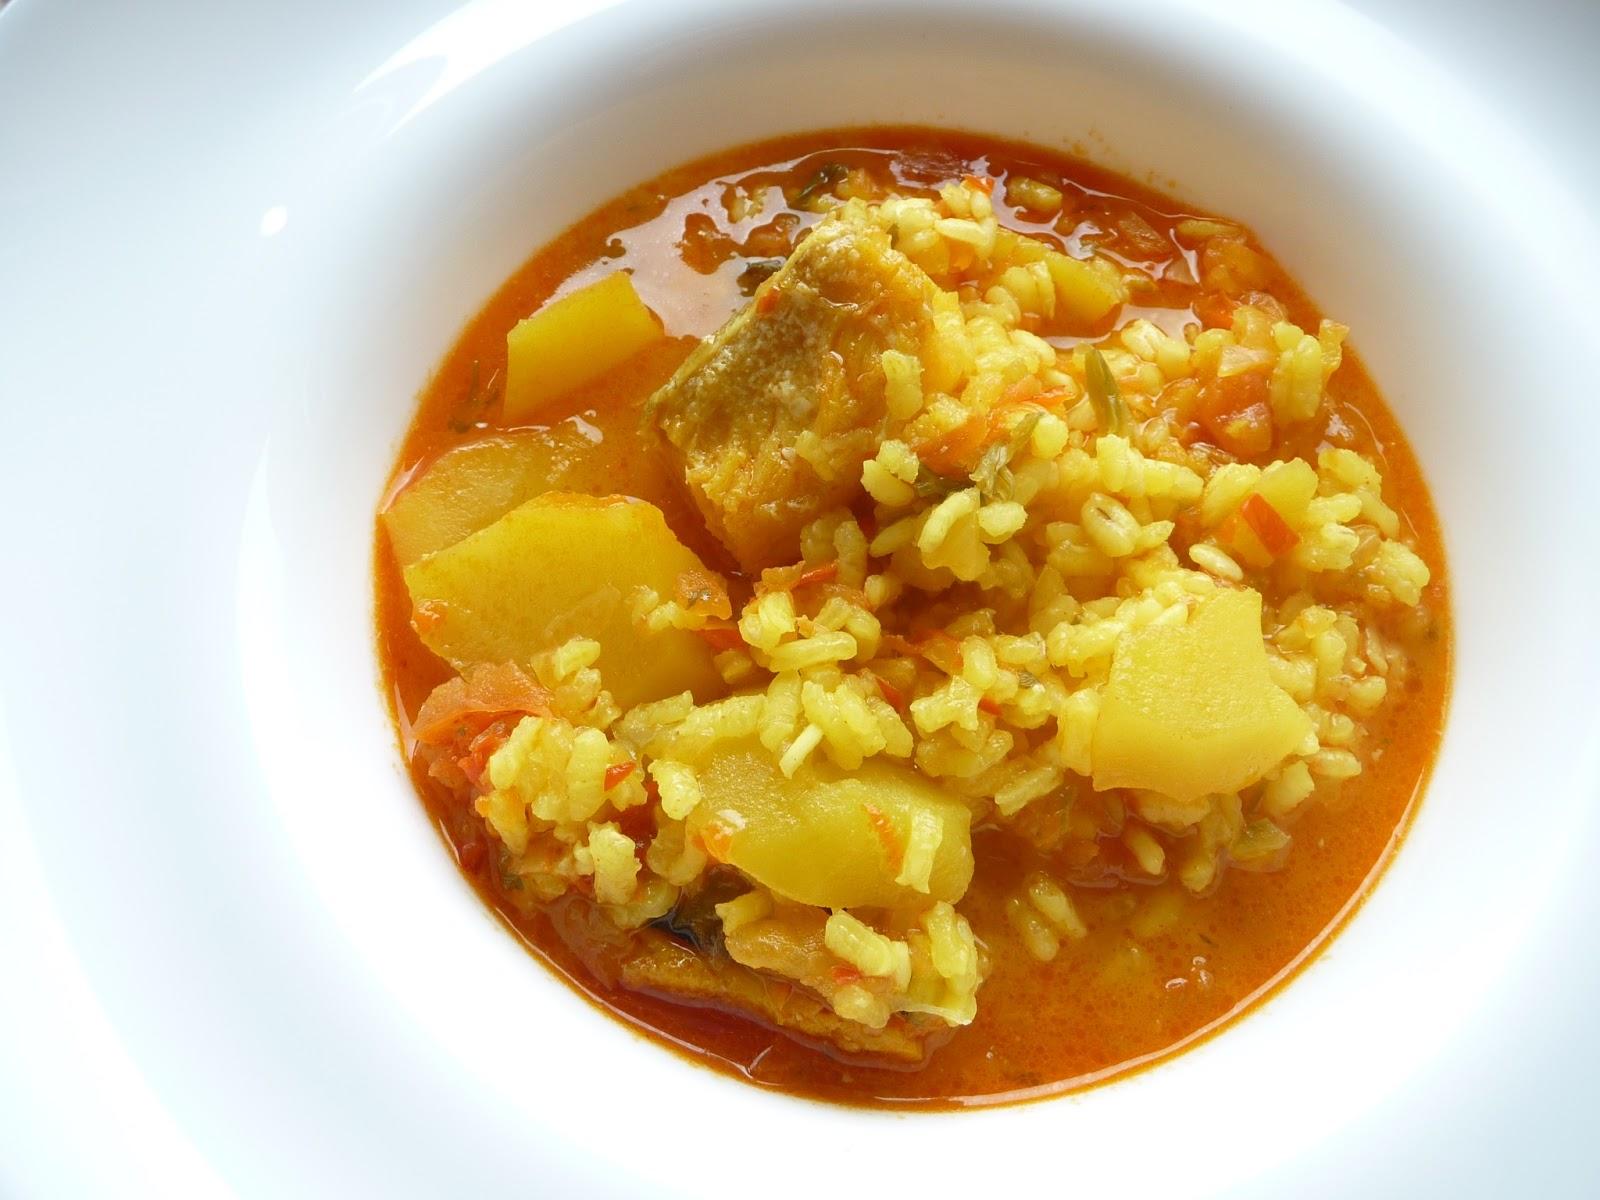 Bercianita chef arroz con bacalao - Arroz blanco con bacalao ...